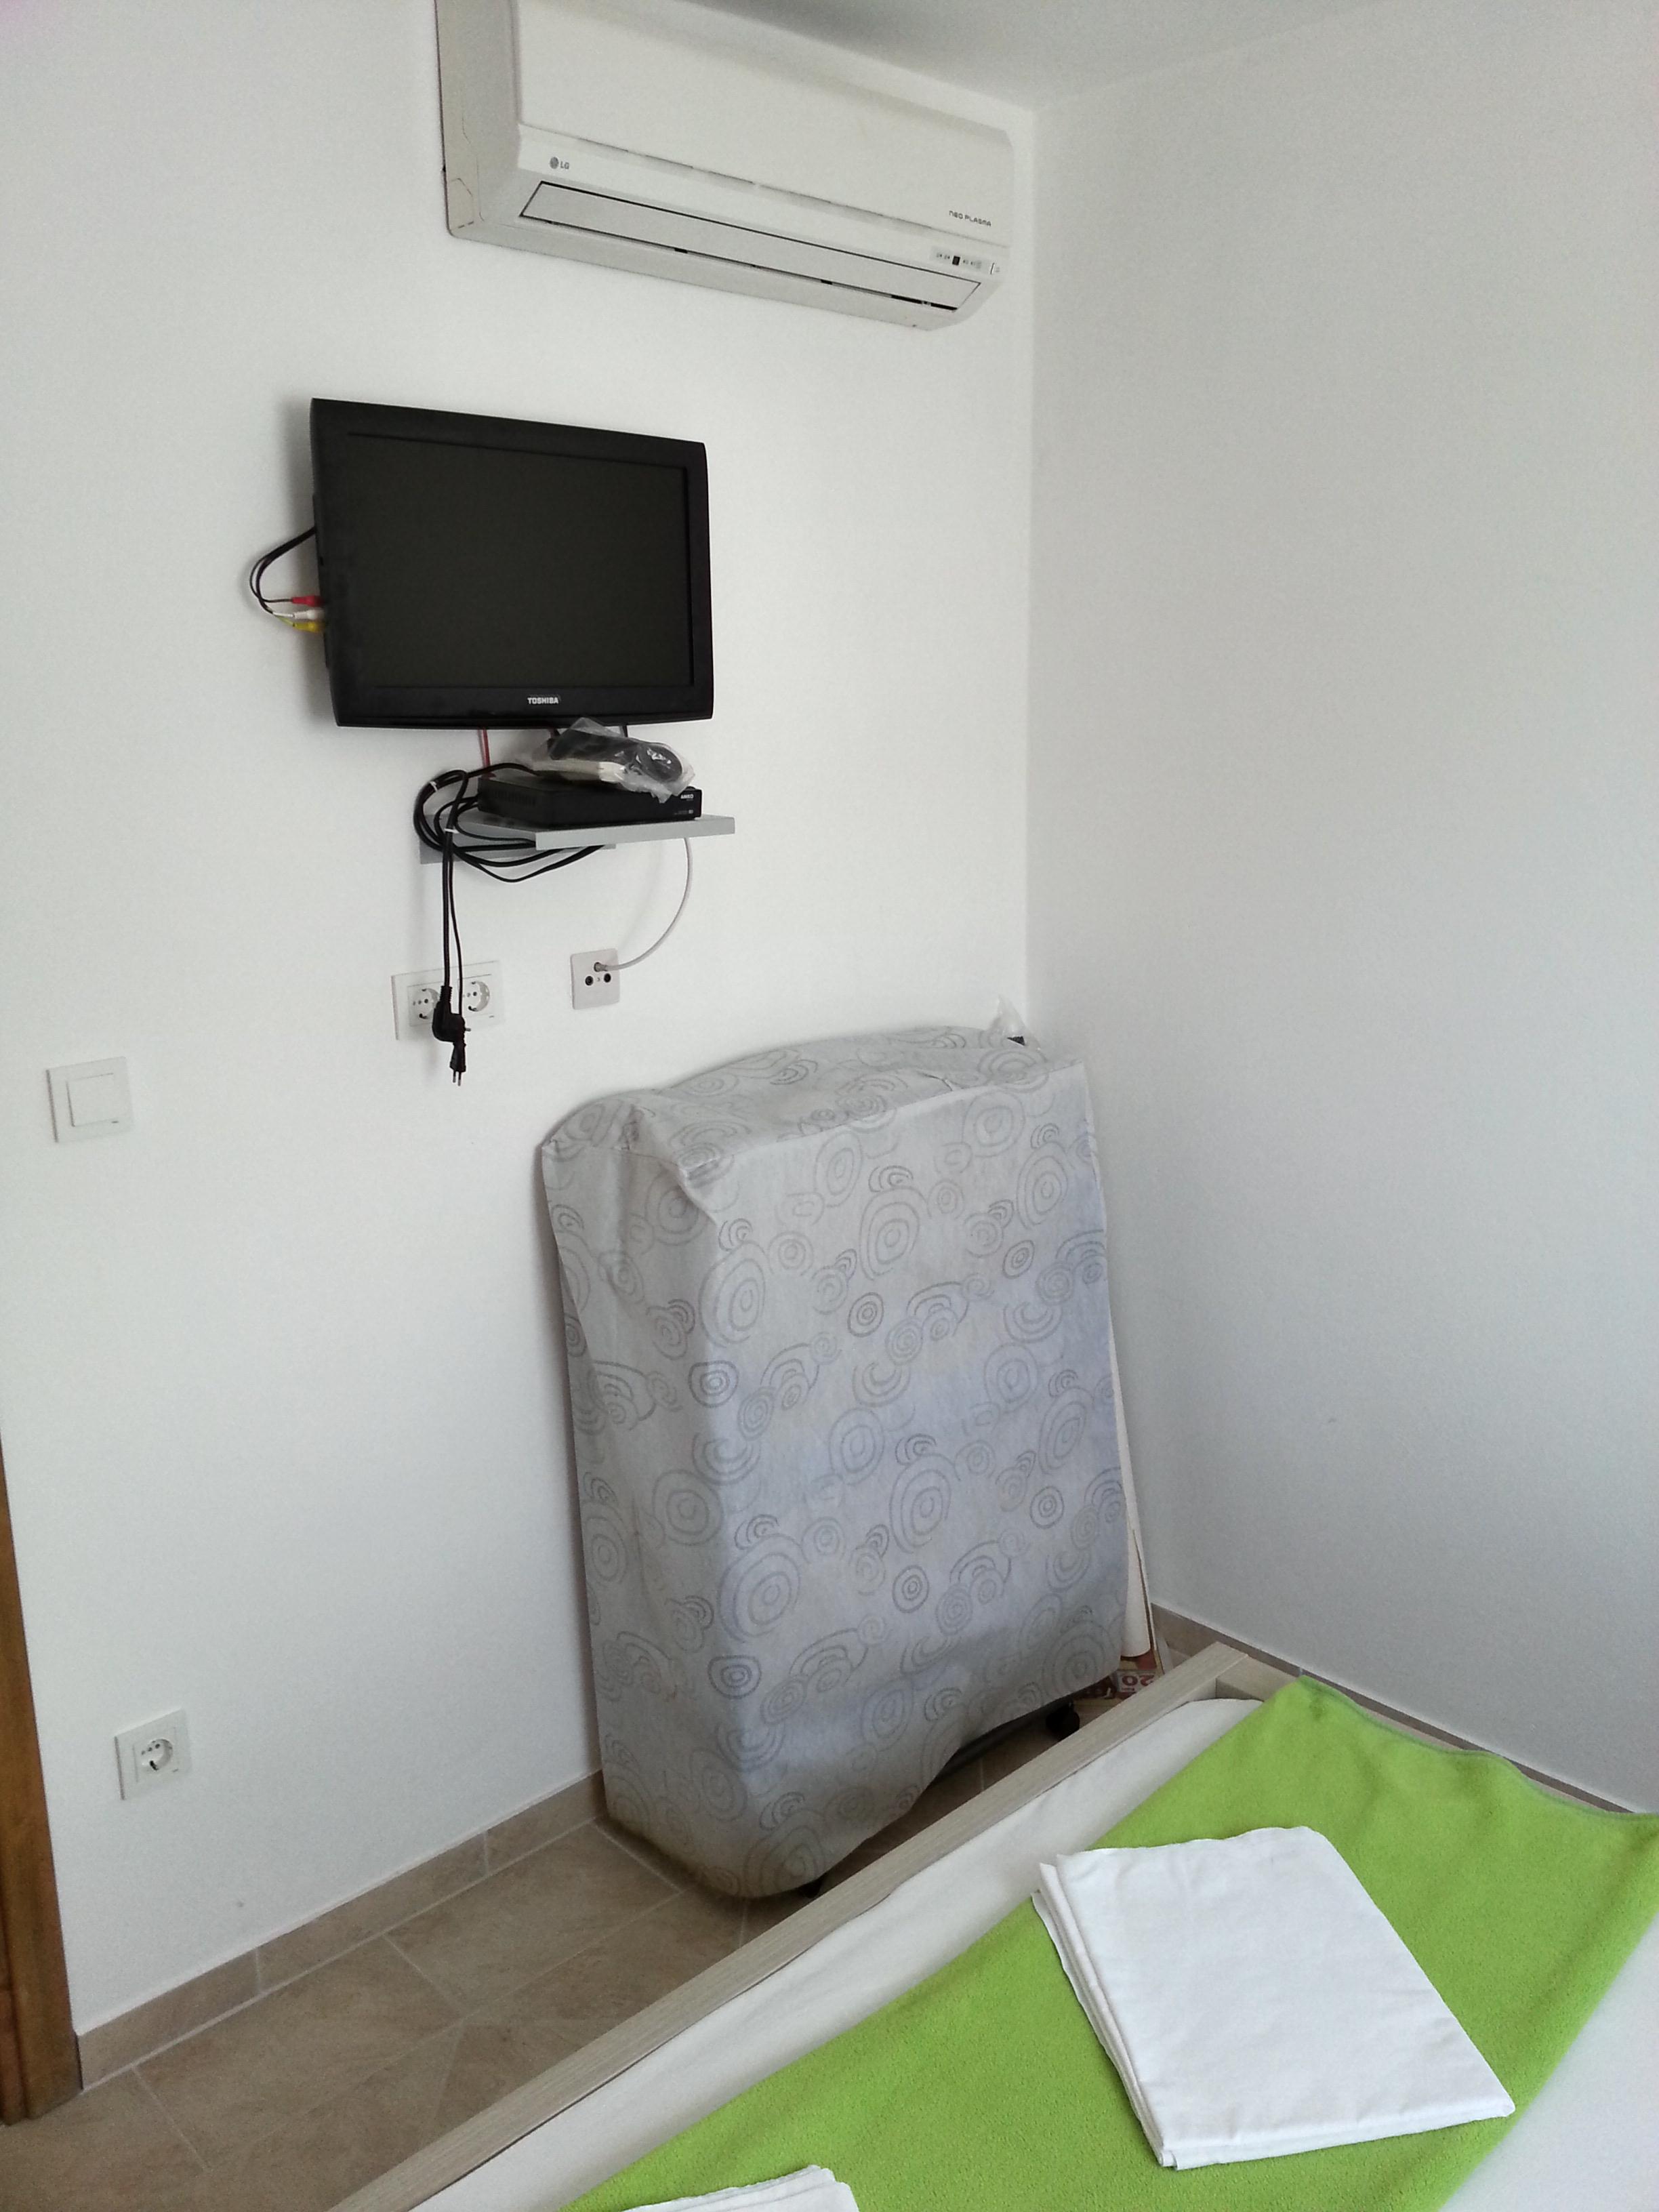 Zusatz zum Apartment unten rechts Doppelbett sofern notwendig